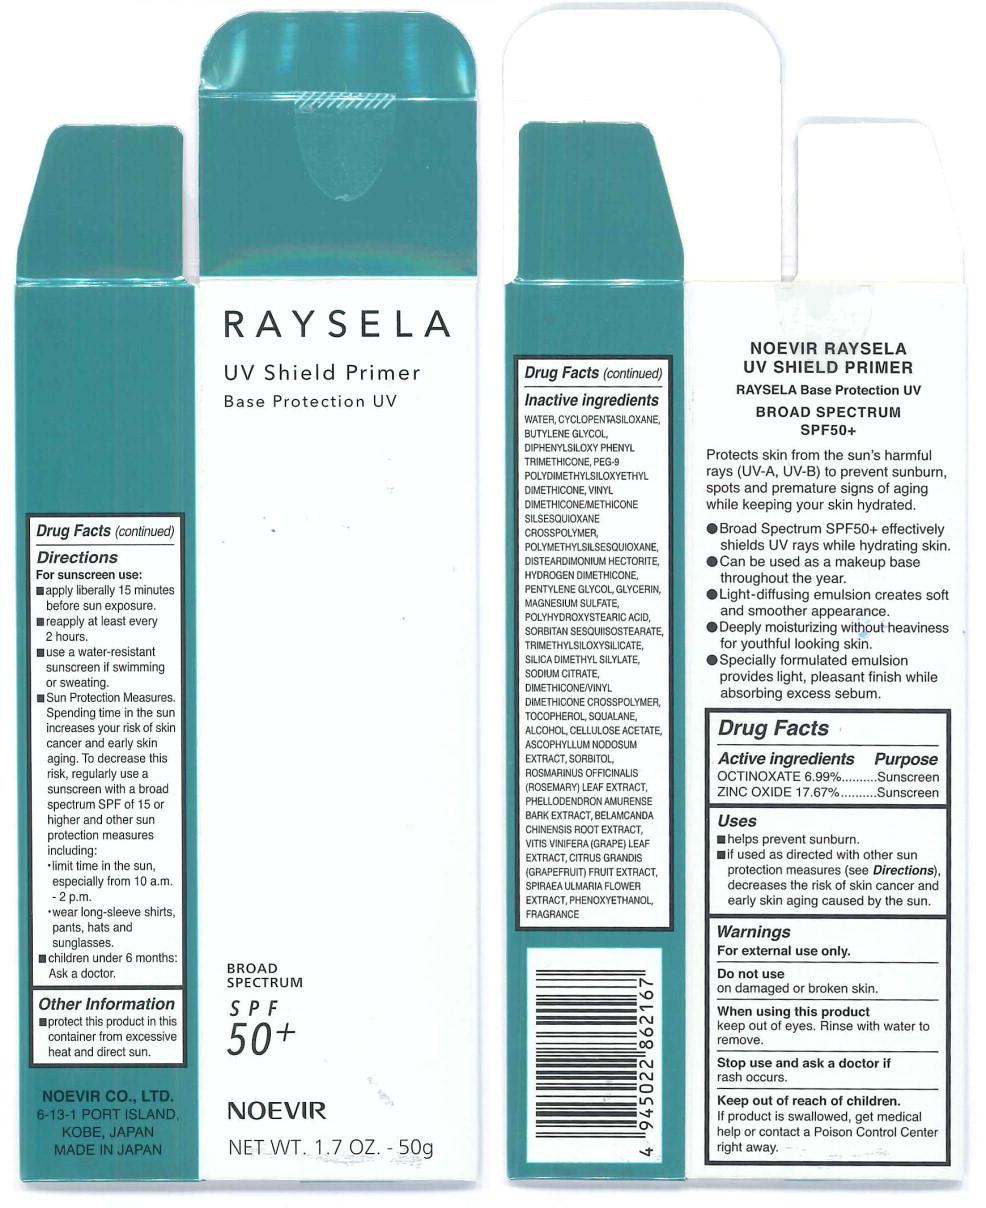 Principal Display Panel - Raysela UV Shield Primer Label